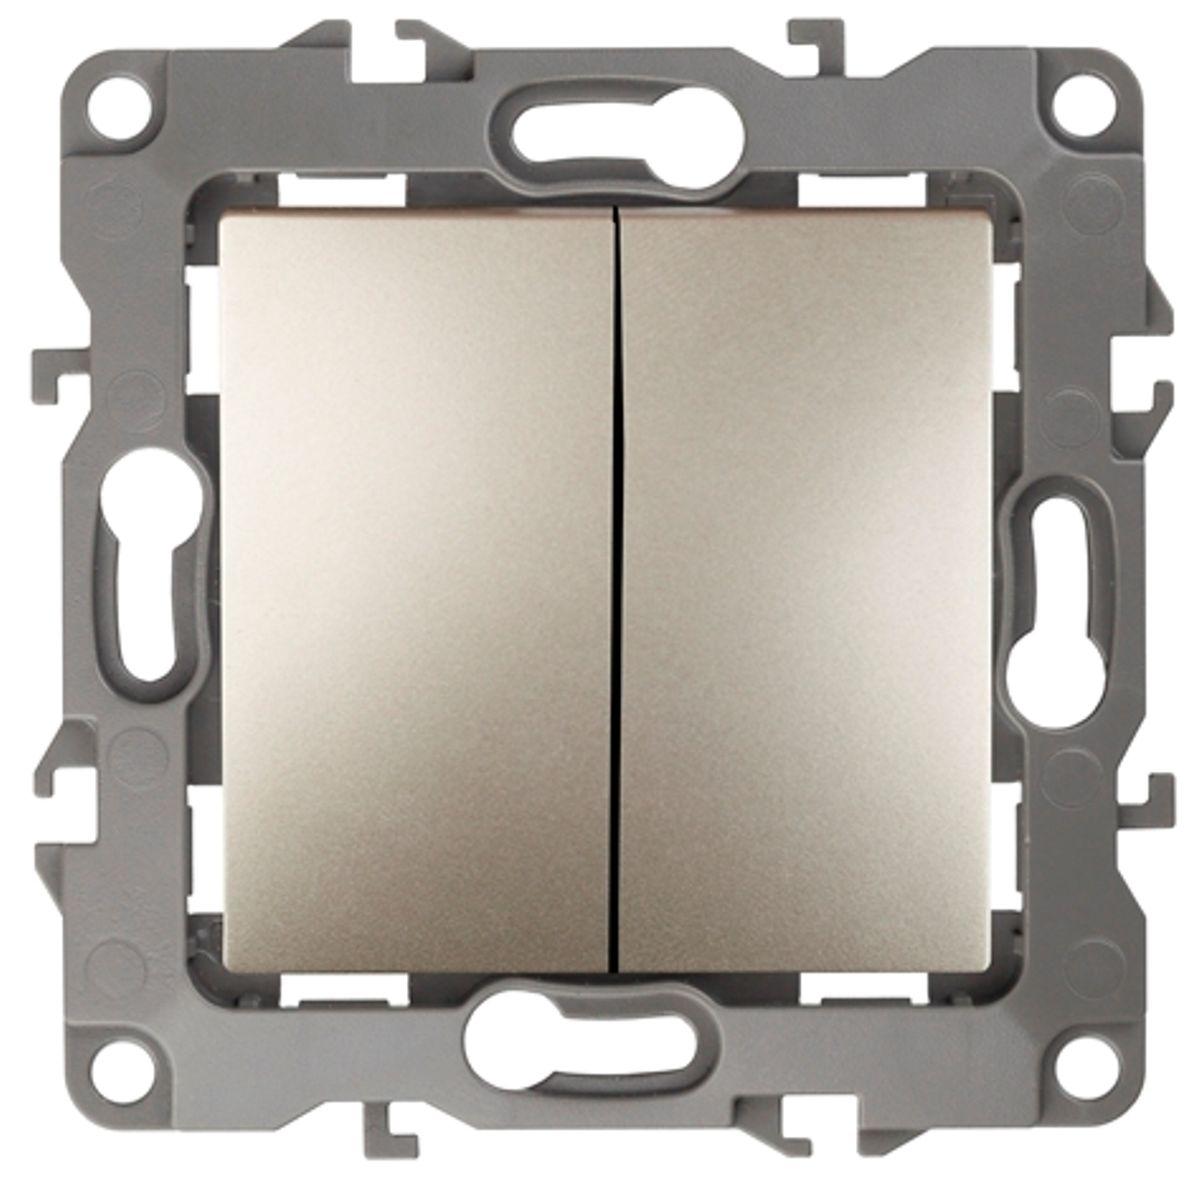 Переключатель ЭРА, двойной, цвет: шампань, серый. 12-110612-1106-04Двойной переключатель ЭРА выполнен из прочного пластика, контакты бронзовые. Используется в осветительной технике в том случае, если необходимо включать одну люстру (другой светильник) с нескольких мест (например: из кухни, коридора, гостиной при больших проходных комнатах). Изделие просто в установке, надежно в эксплуатации. Переключатель имеет специальные фиксаторы, которые не дают ему смещаться как при монтаже, так и в процессе эксплуатации. Автоматические зажимы кабеля обеспечивают быстрый и надежный монтаж изделия к электросети без отвертки и не требуют обслуживания в отличие от винтовых зажимов.